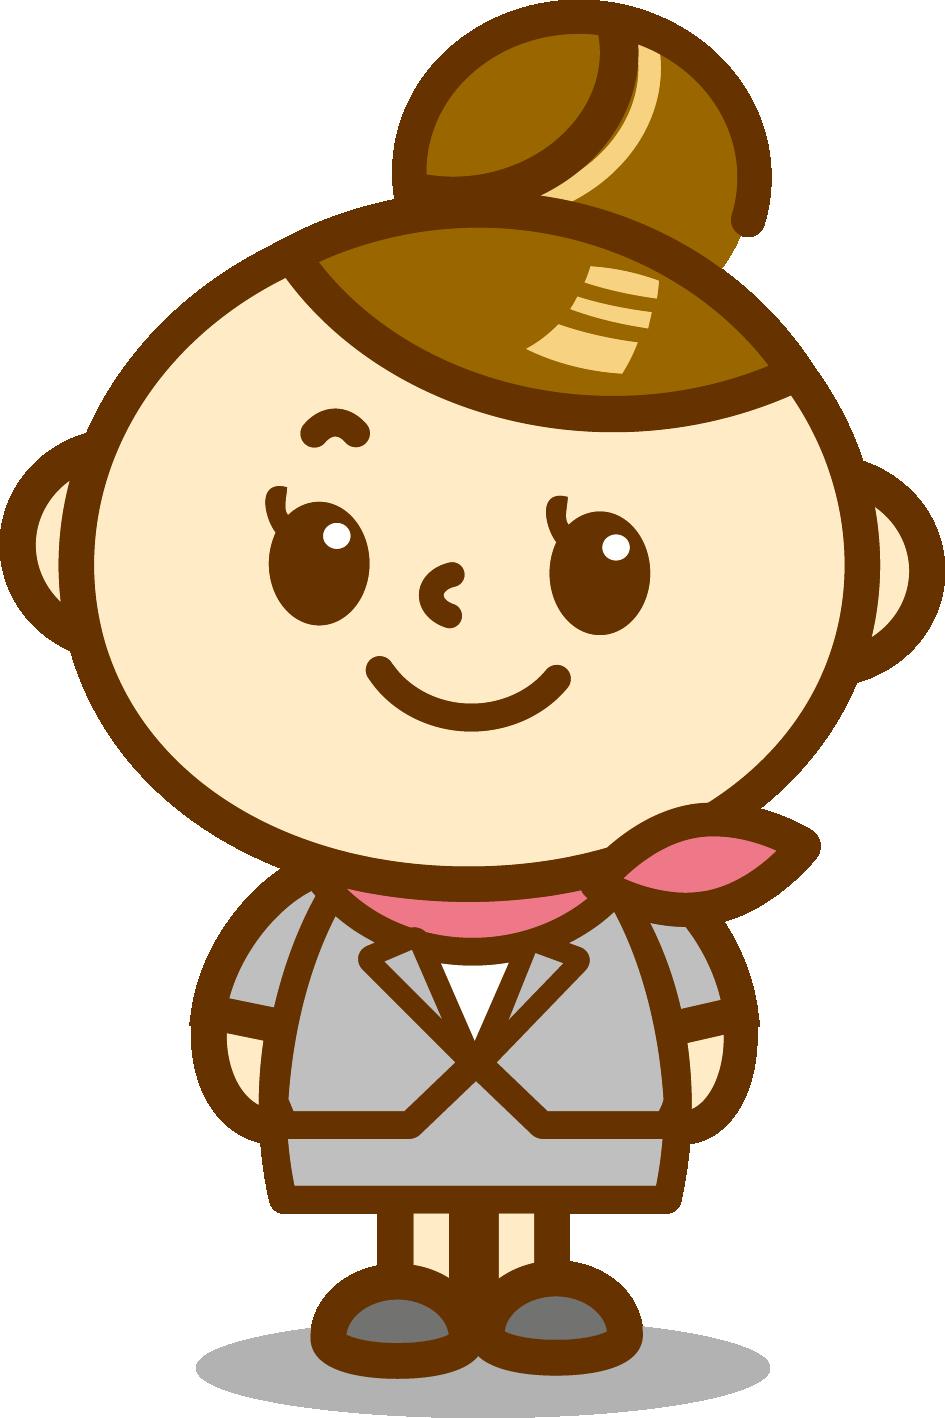 【情報追加】磐田市の学童情報を追加しました